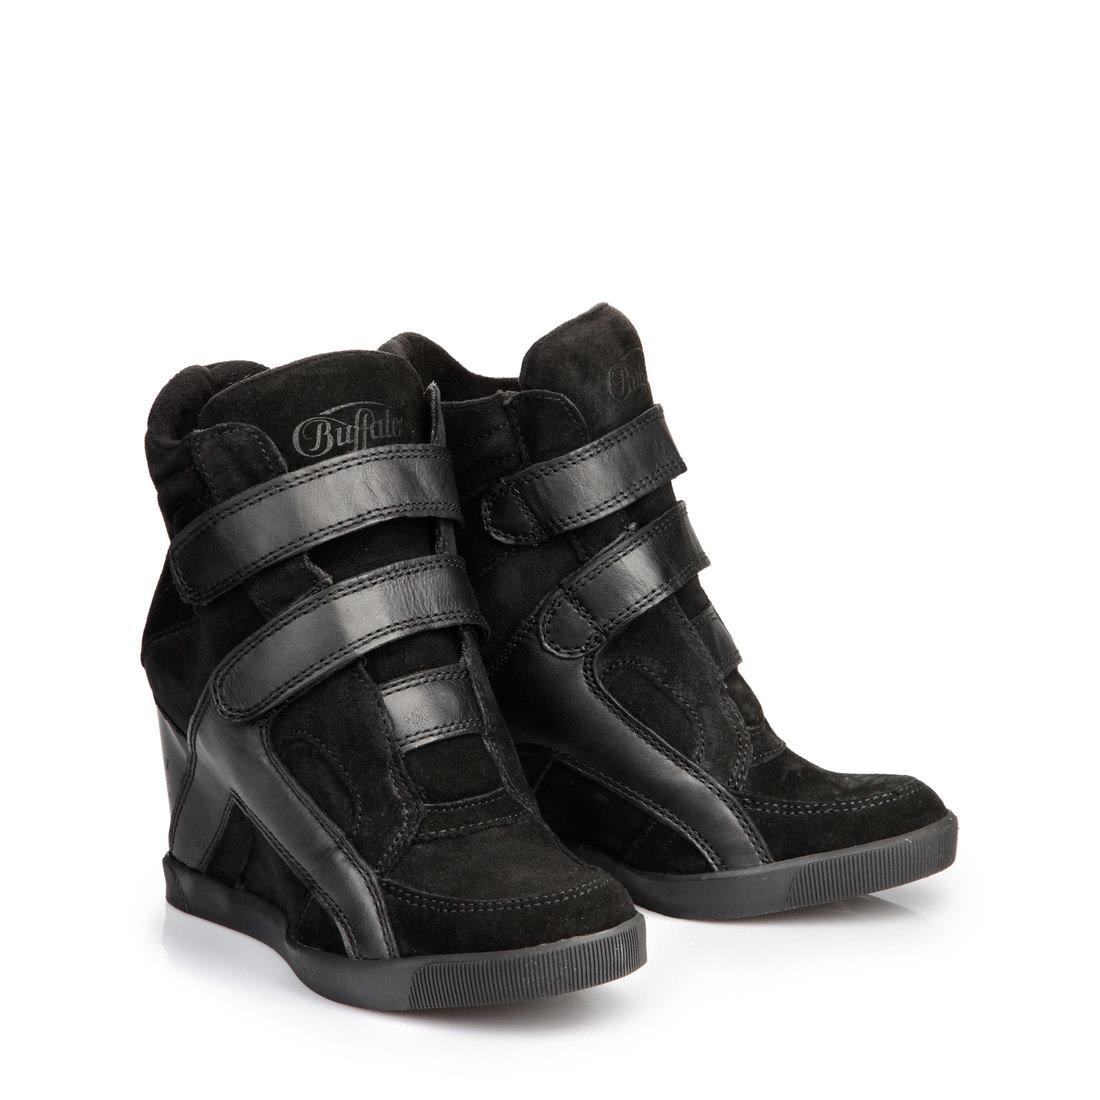 Chaussure basse Buffalo noireBuffalo Xy1Baf2OFB